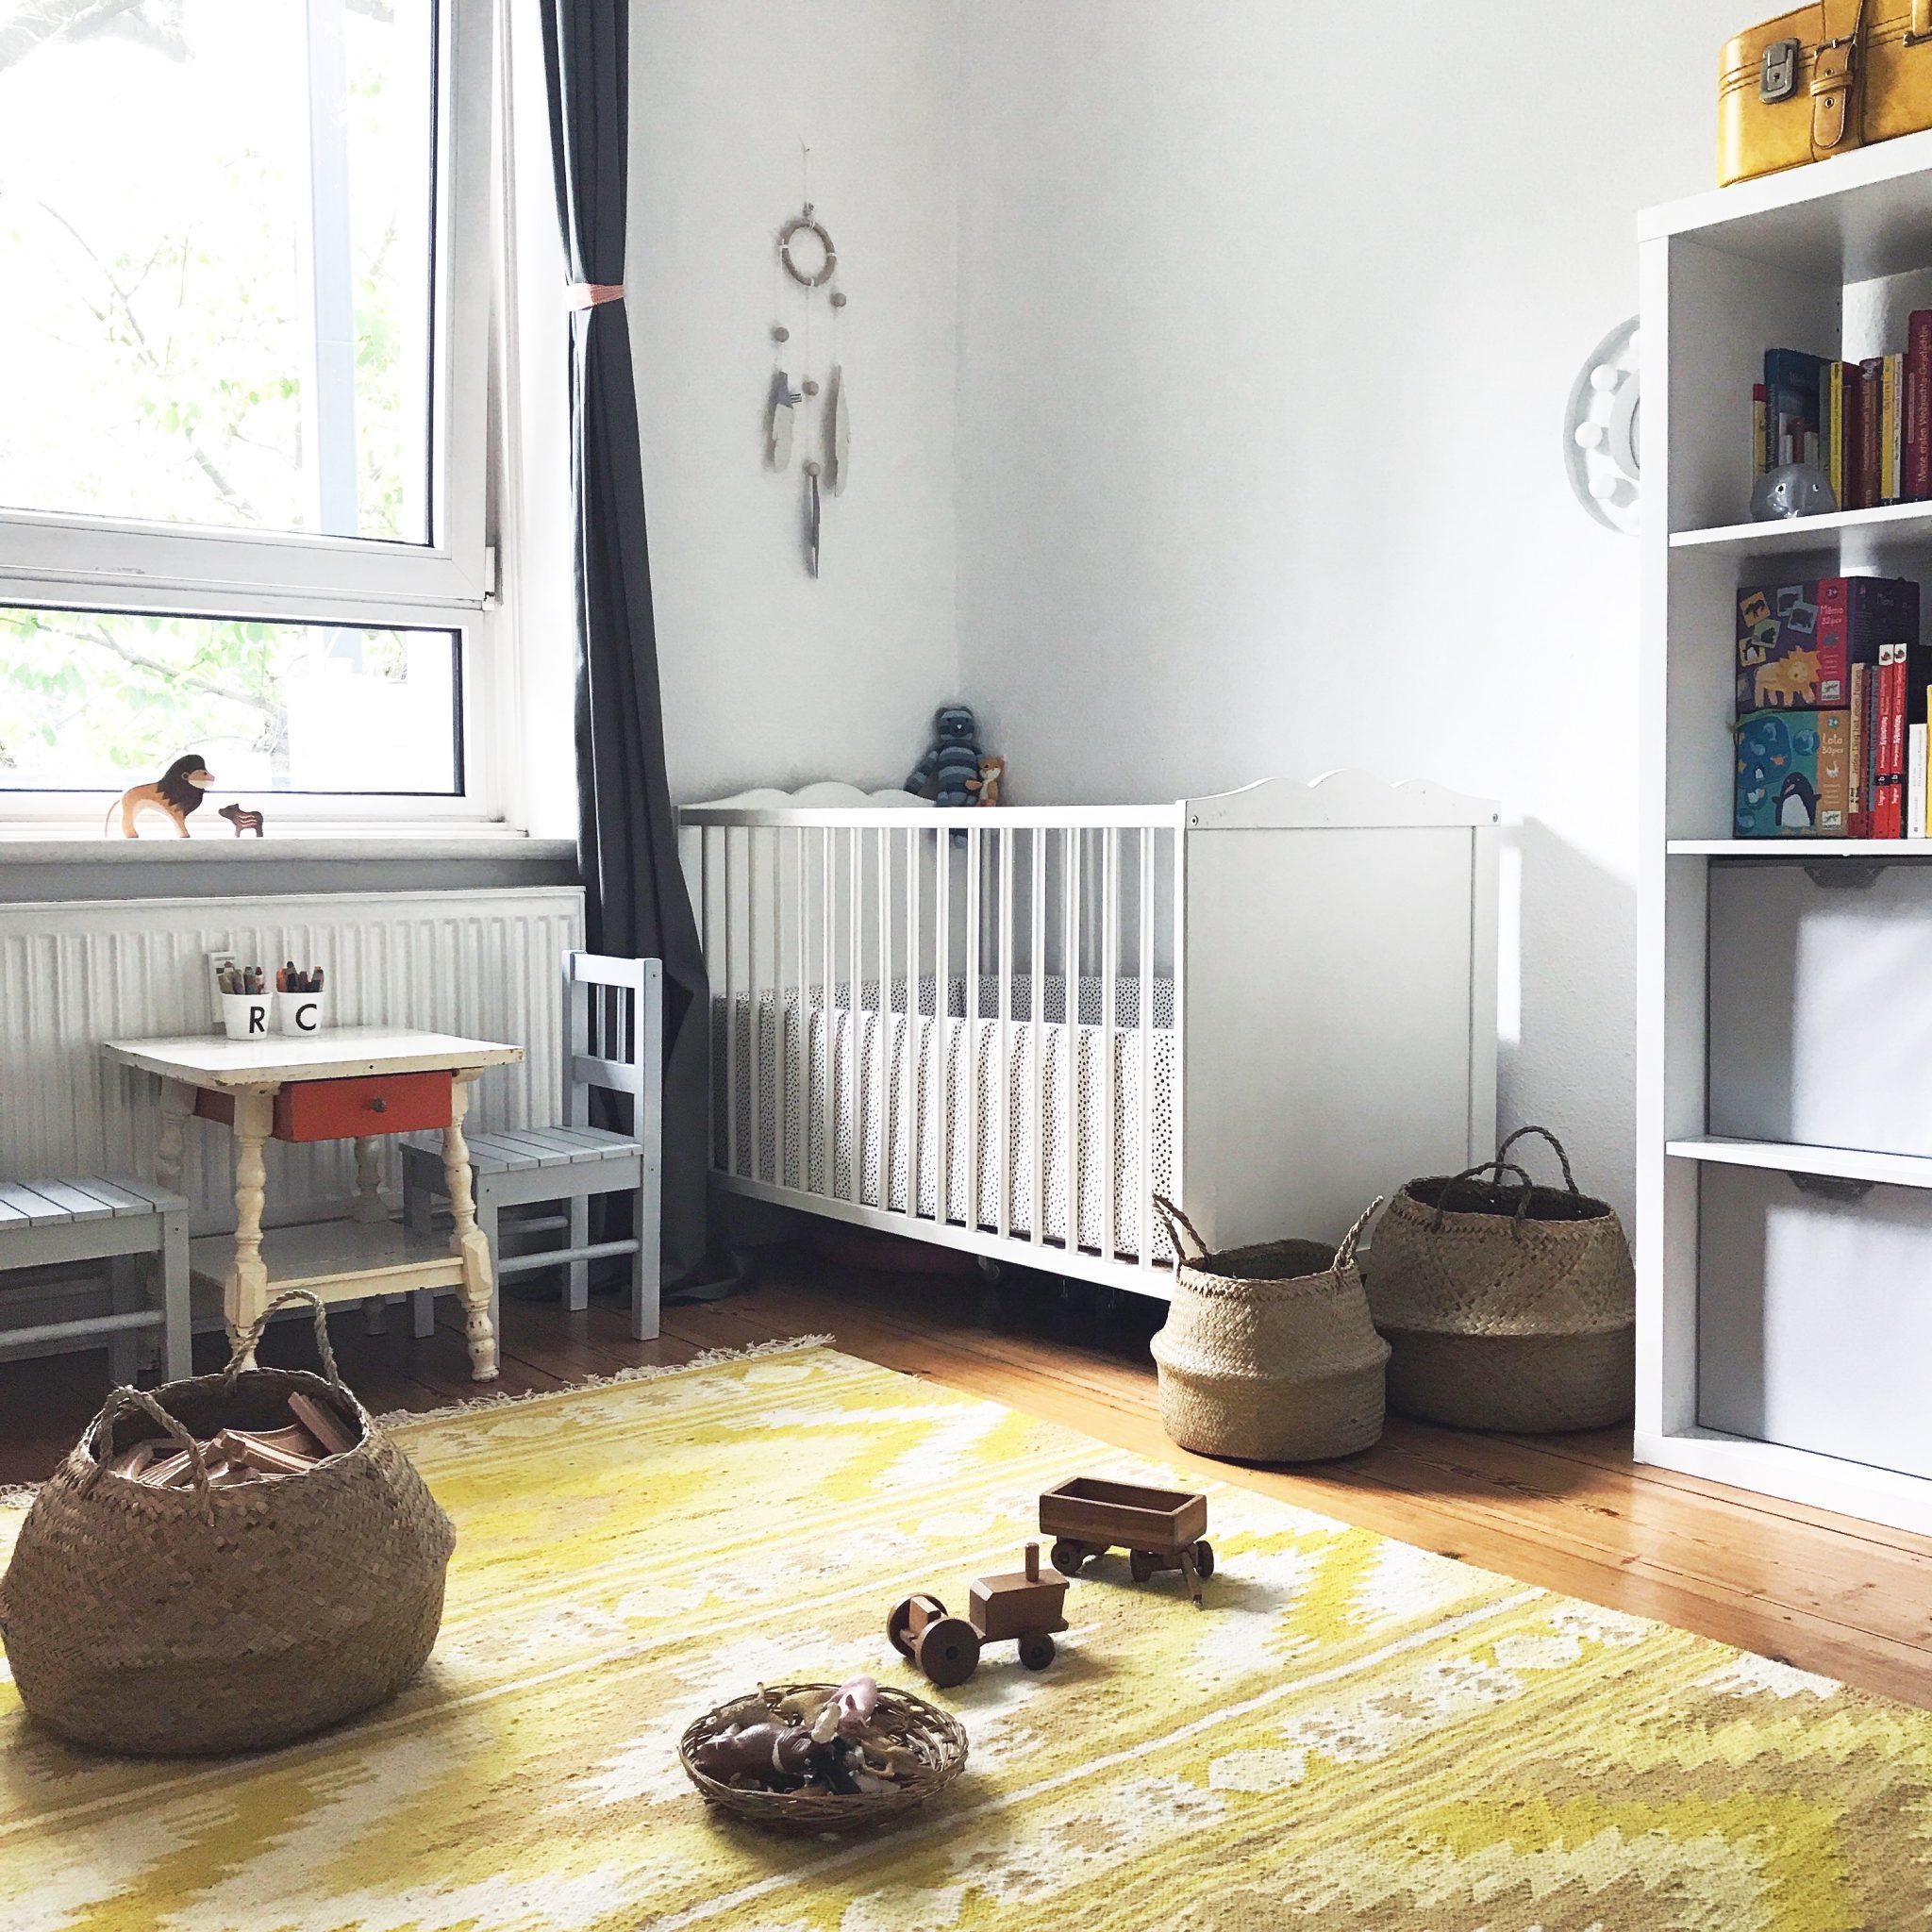 Full Size of Kinderzimmer Einrichtung Unser Und Ein Paar Einfache Montessori Regal Weiß Sofa Regale Kinderzimmer Kinderzimmer Einrichtung